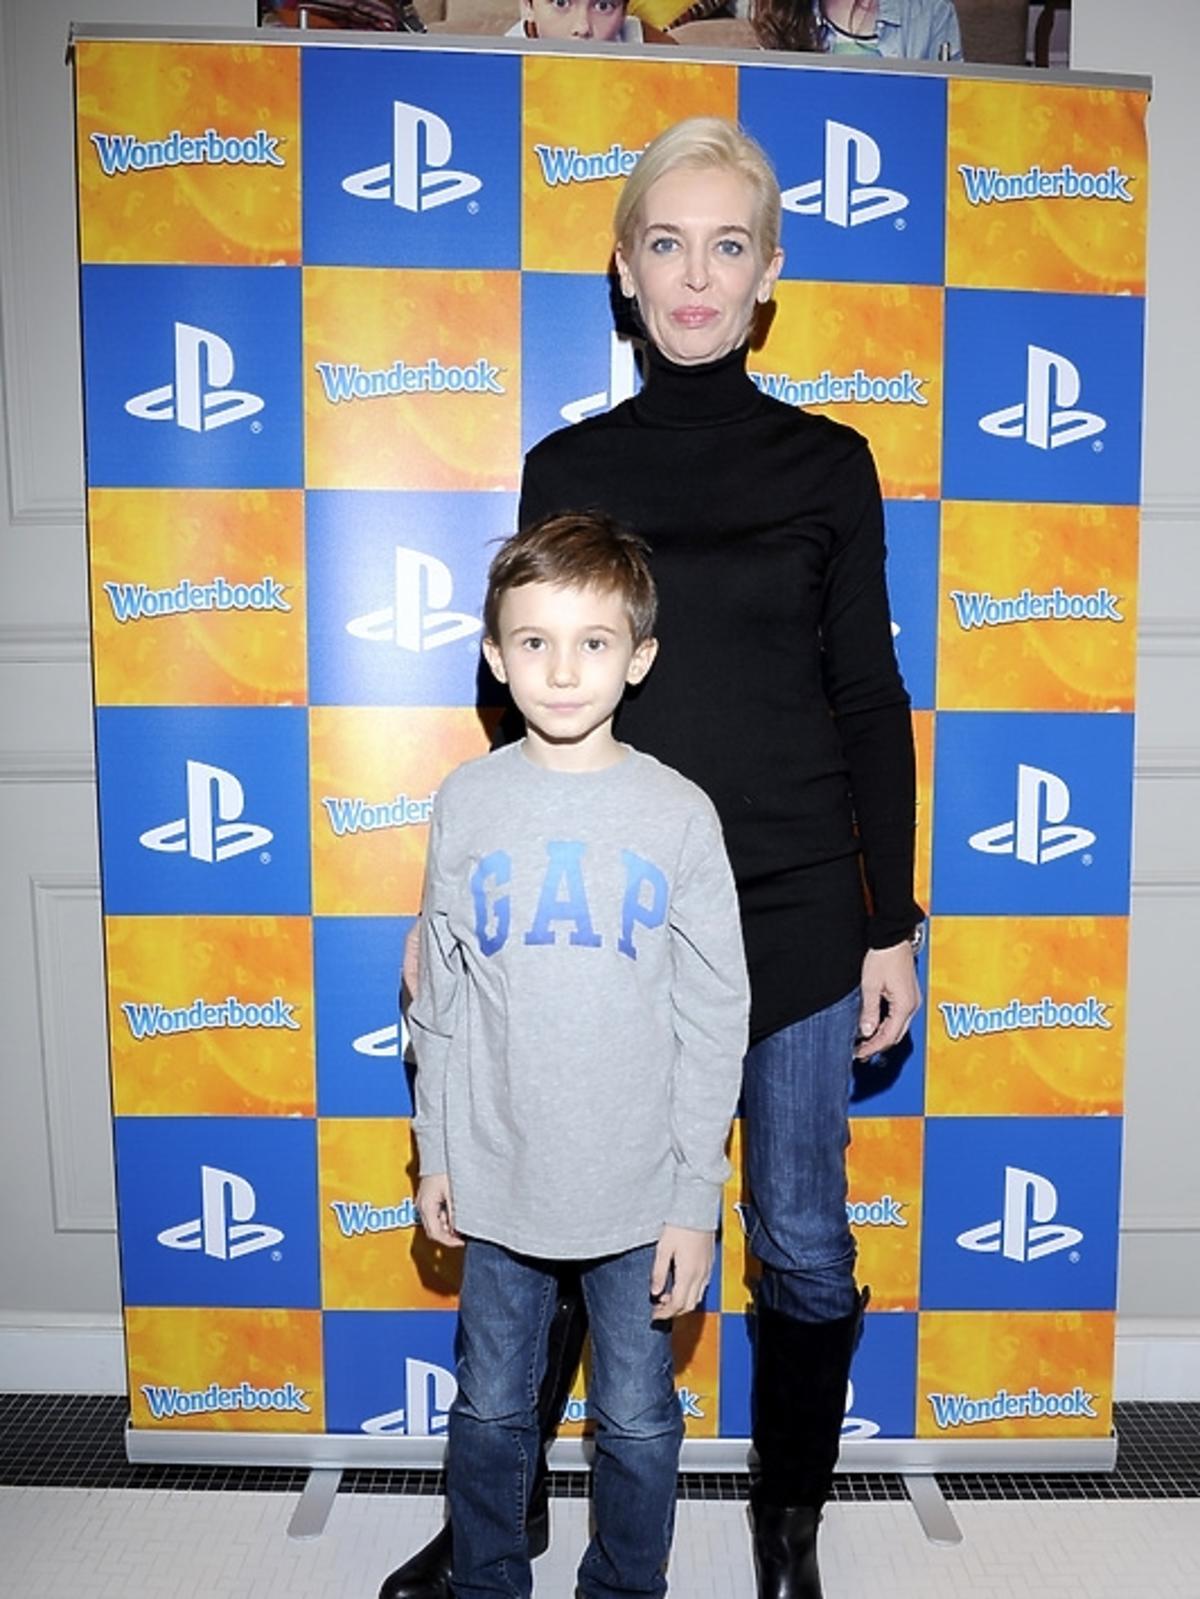 Bogna Sworowska na premierze PlayStation 3 - Wonderbook: Księga Czarów